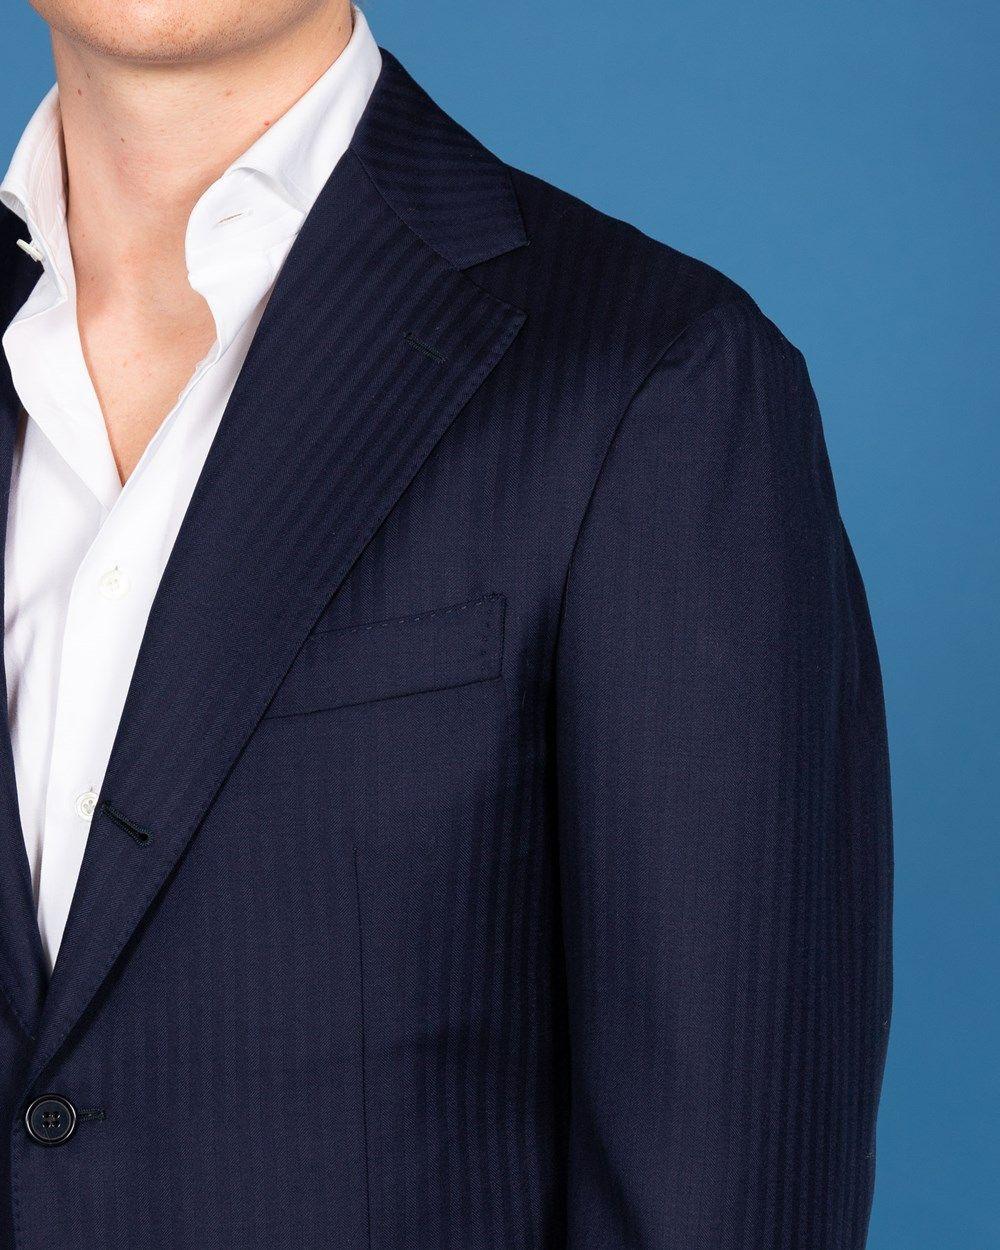 CAVOUR Herringbone Suit